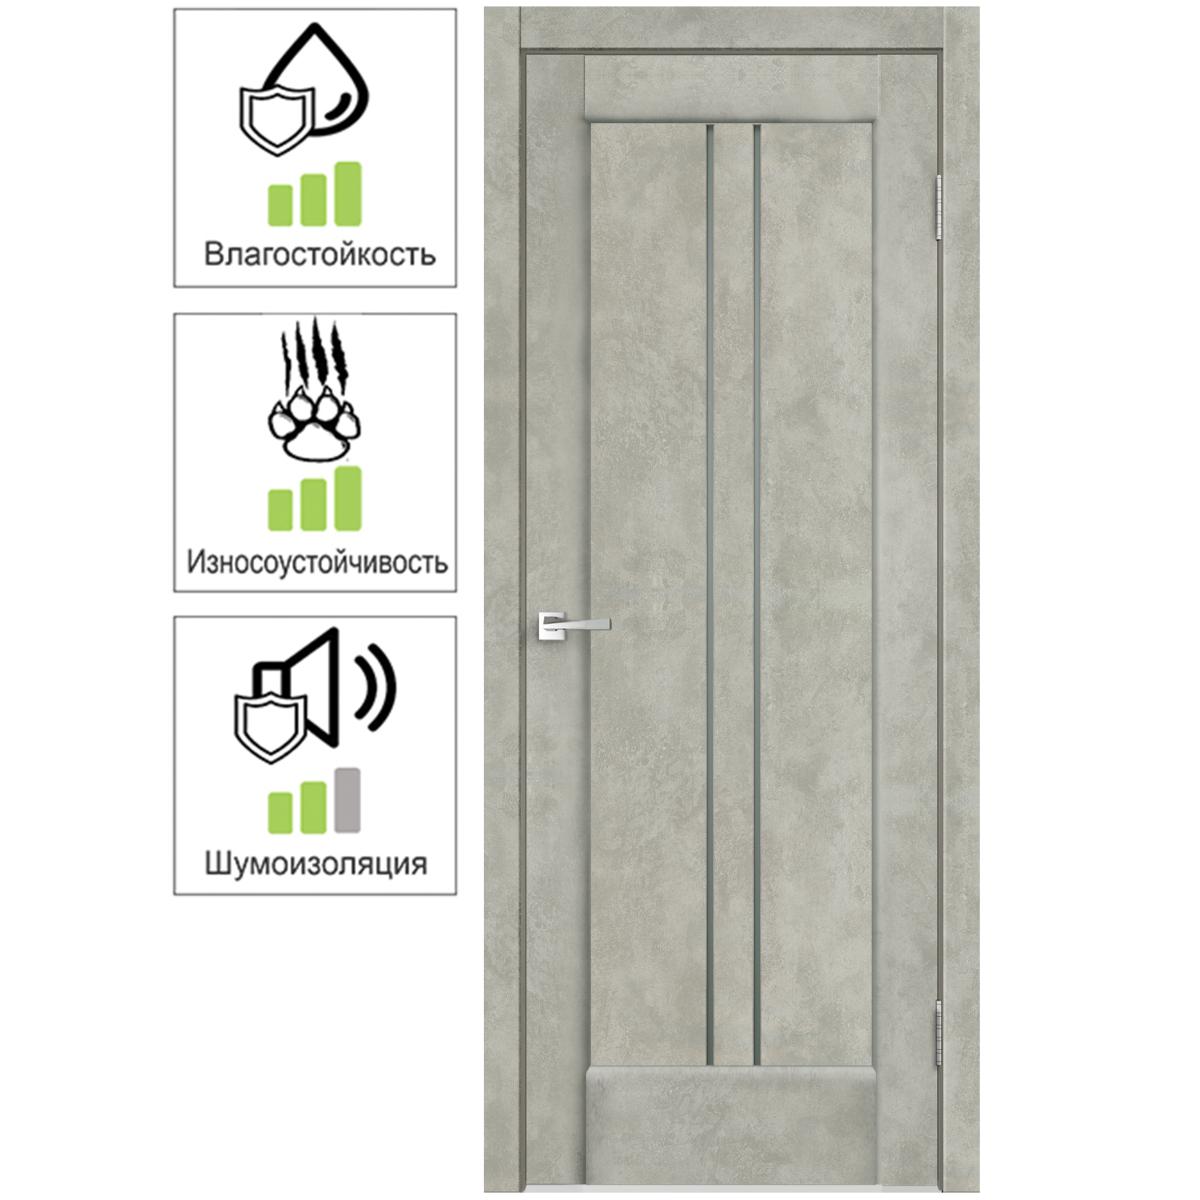 Дверь межкомнатная остеклённая «Сиэтл» 90x200 см ПВХ цвет лофт светлый с фурнитурой